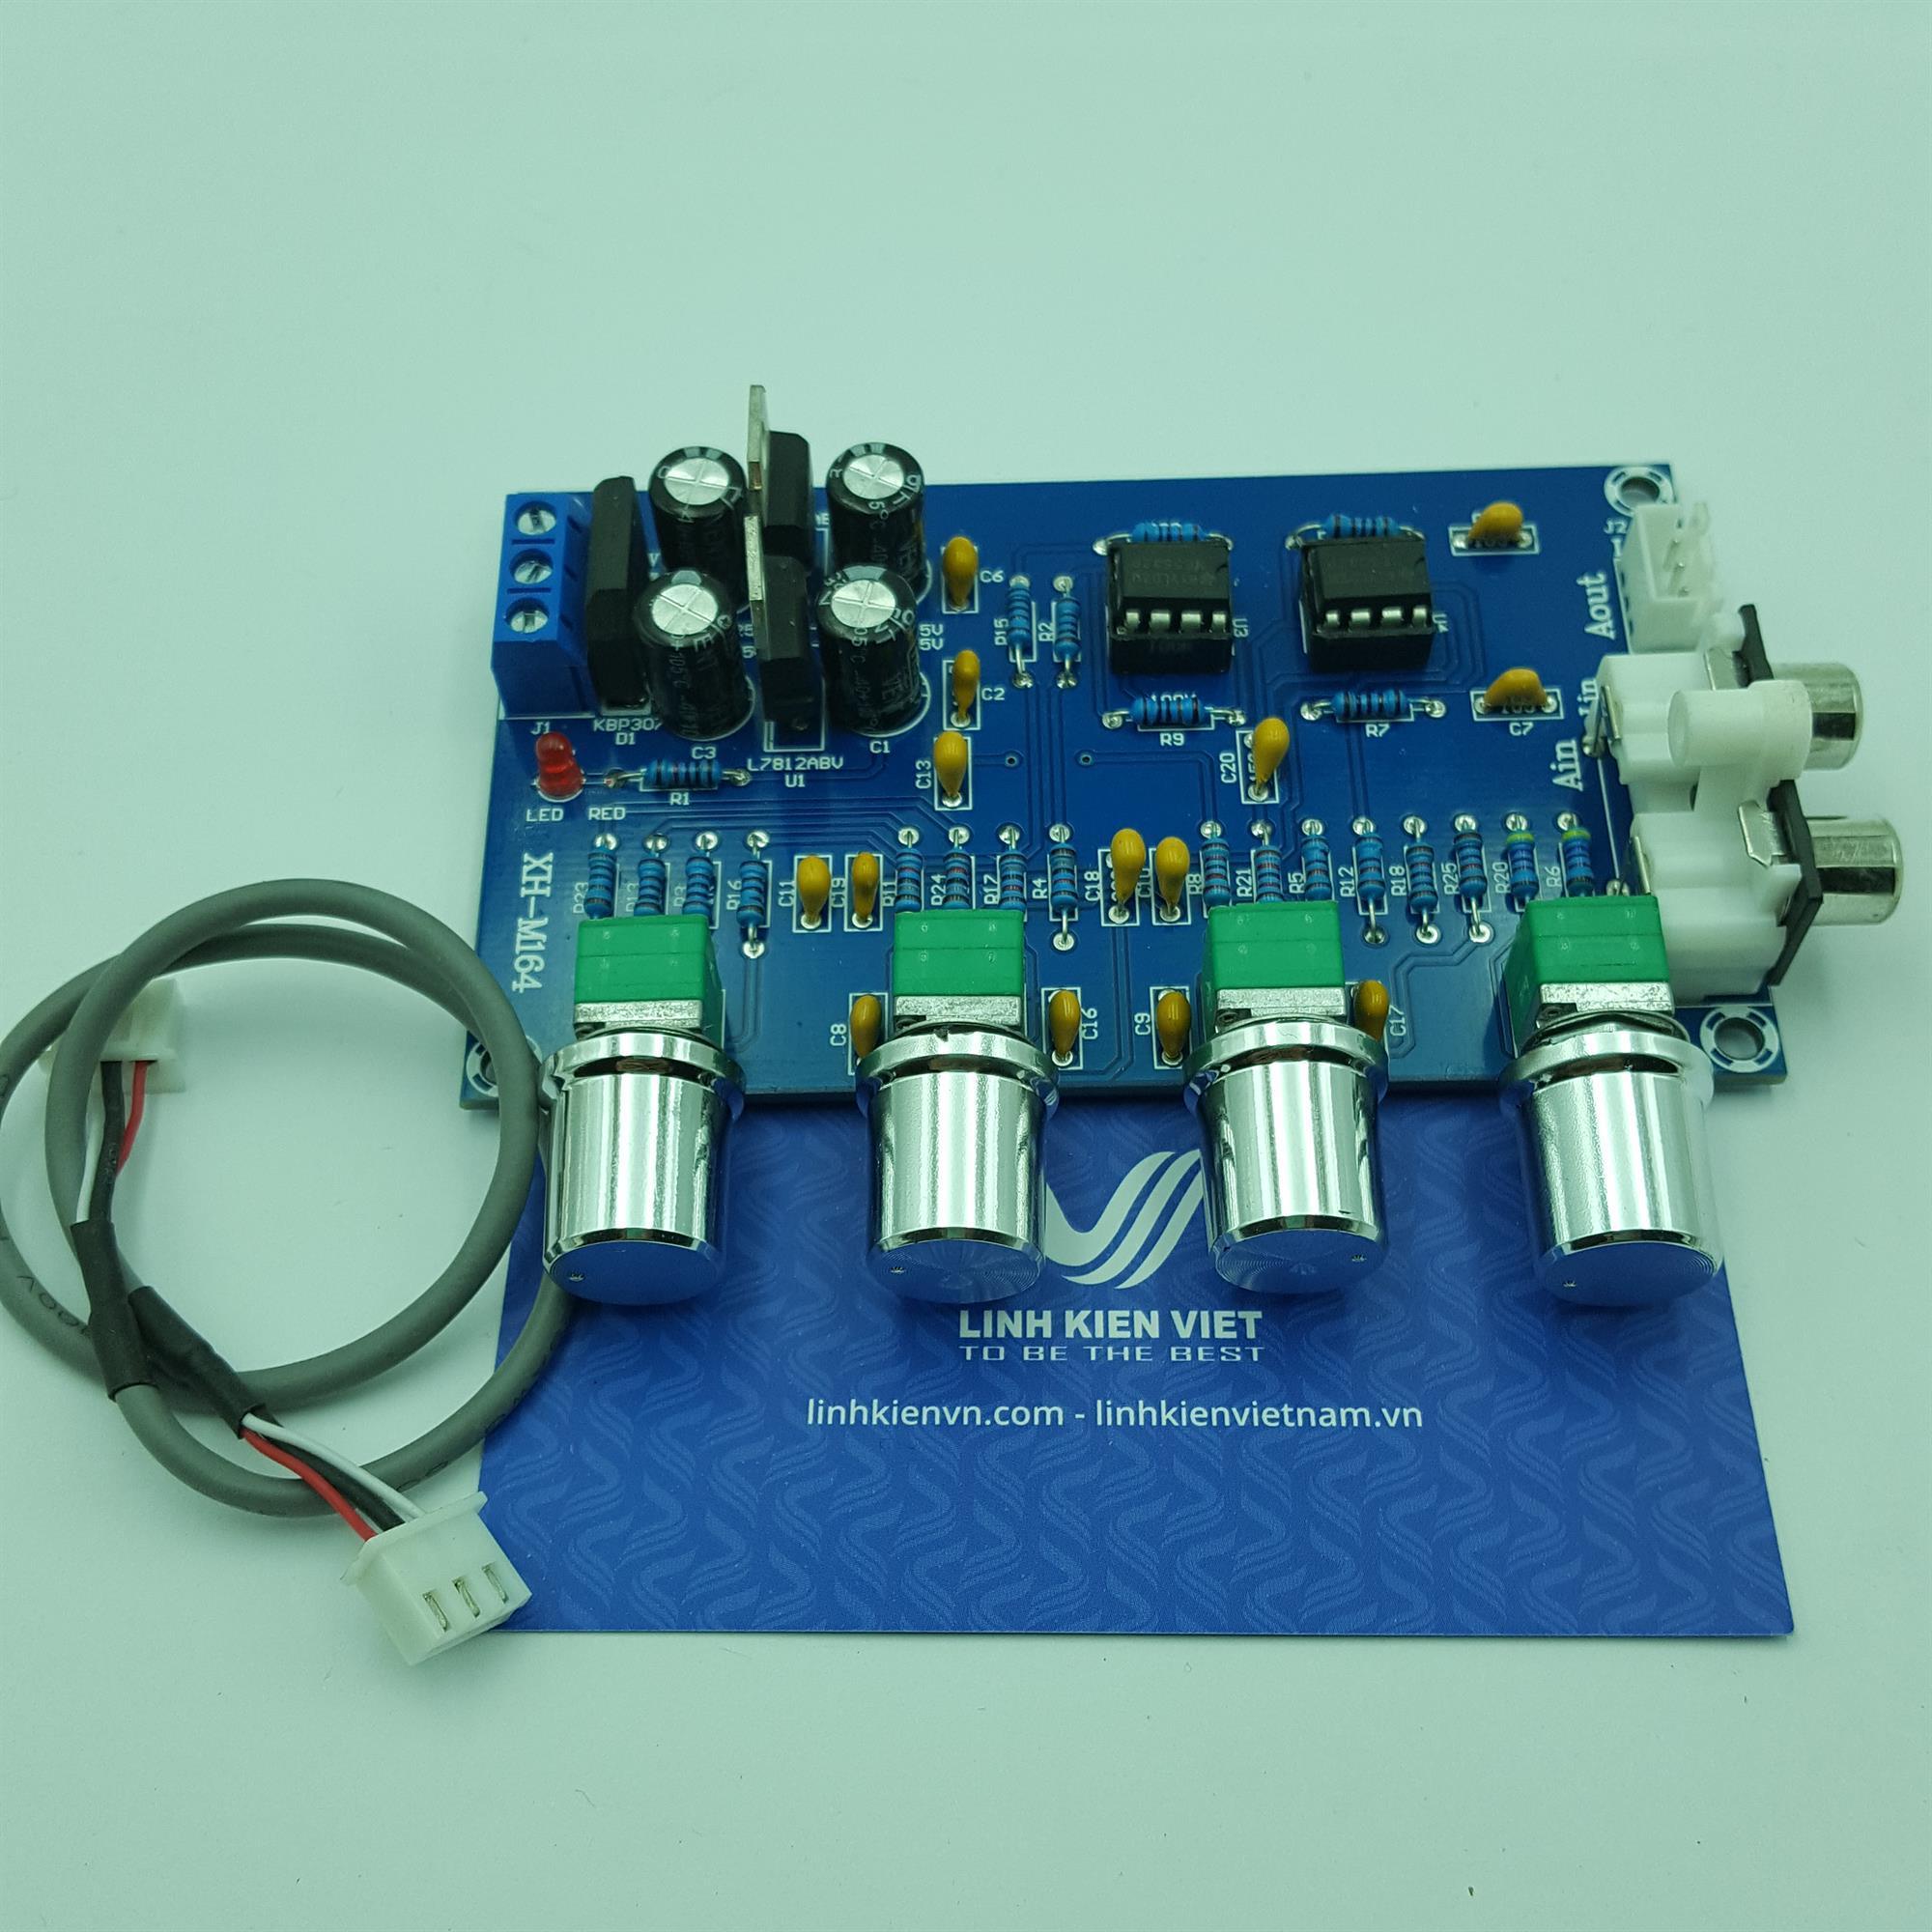 Mạch điều chỉnh âm sắc XH-M164 - J2H20